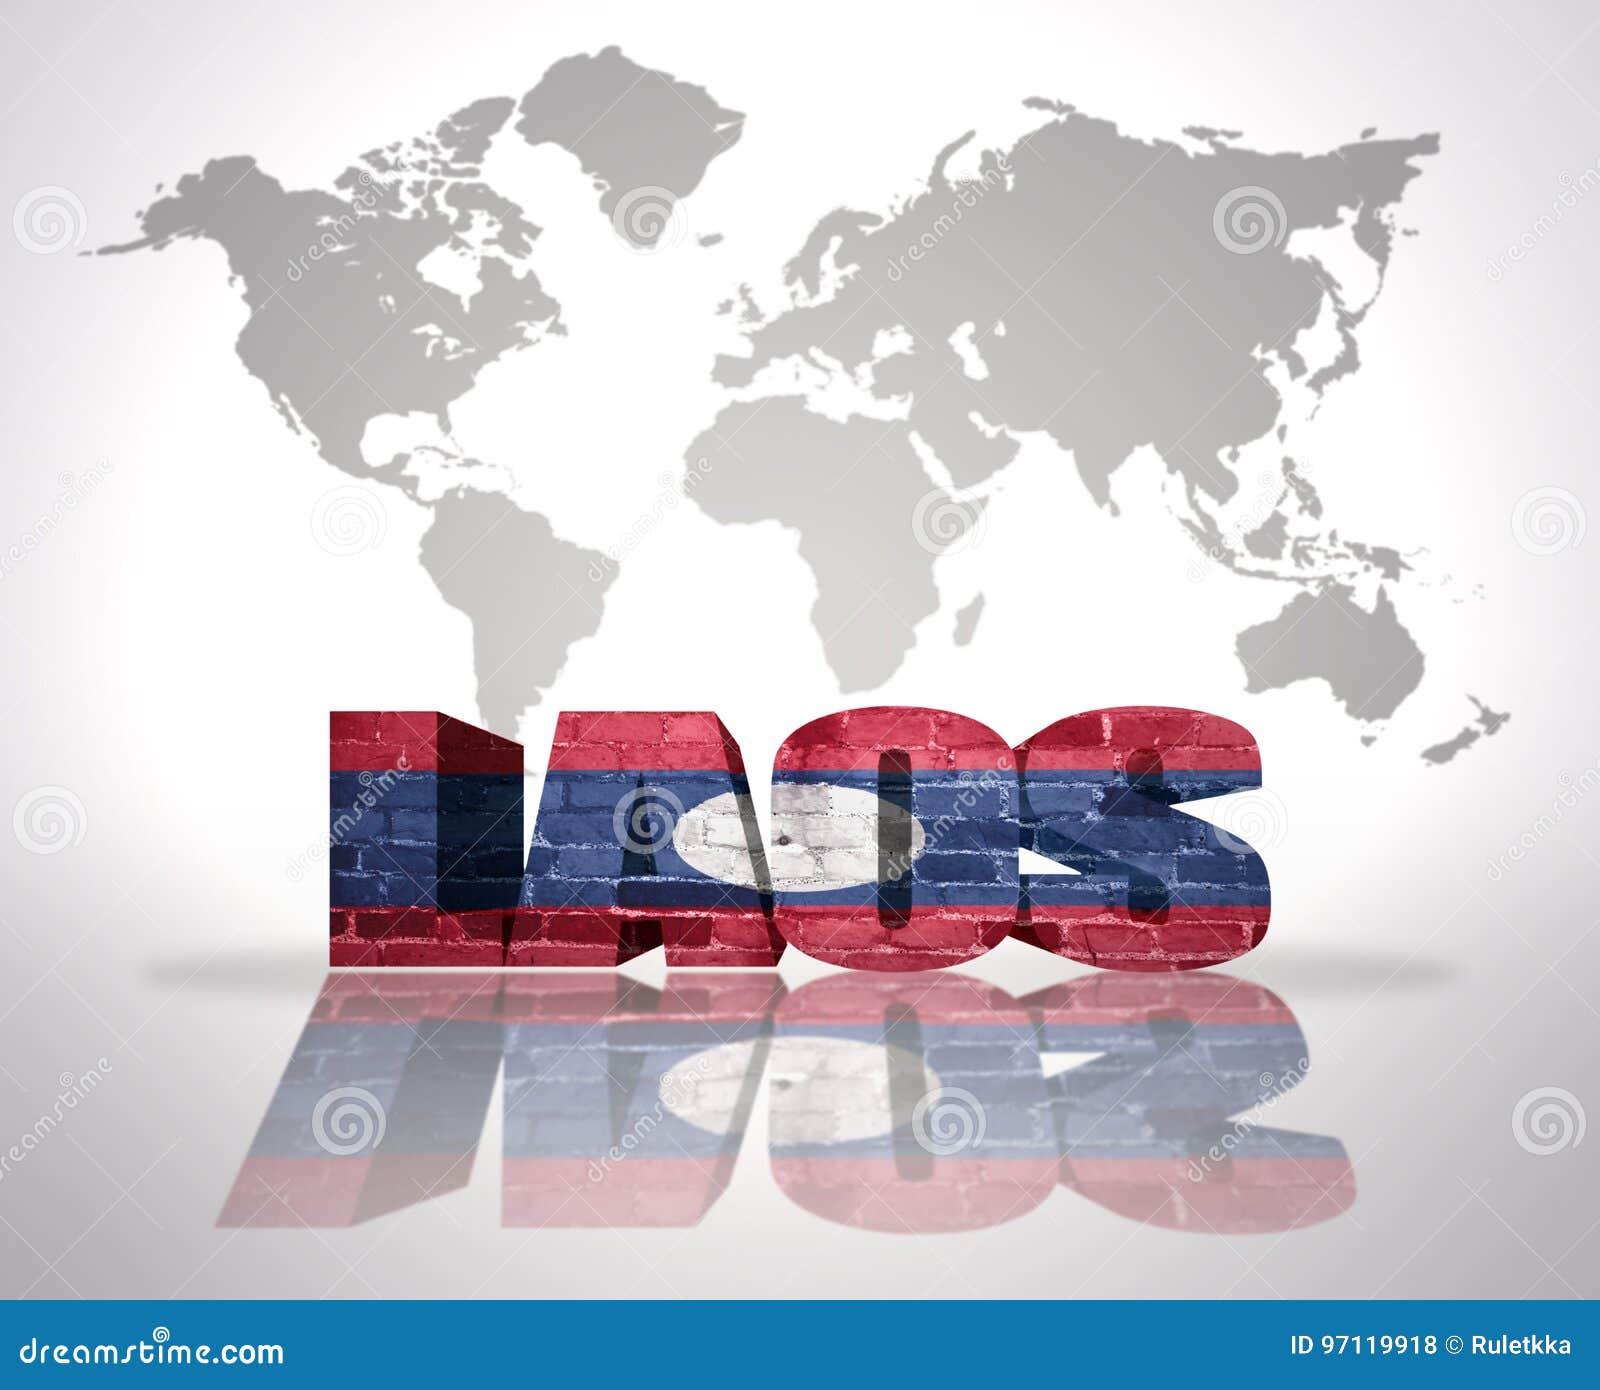 Carte Du Monde Laos.Word Laos Sur Un Fond De Carte Du Monde Illustration Stock